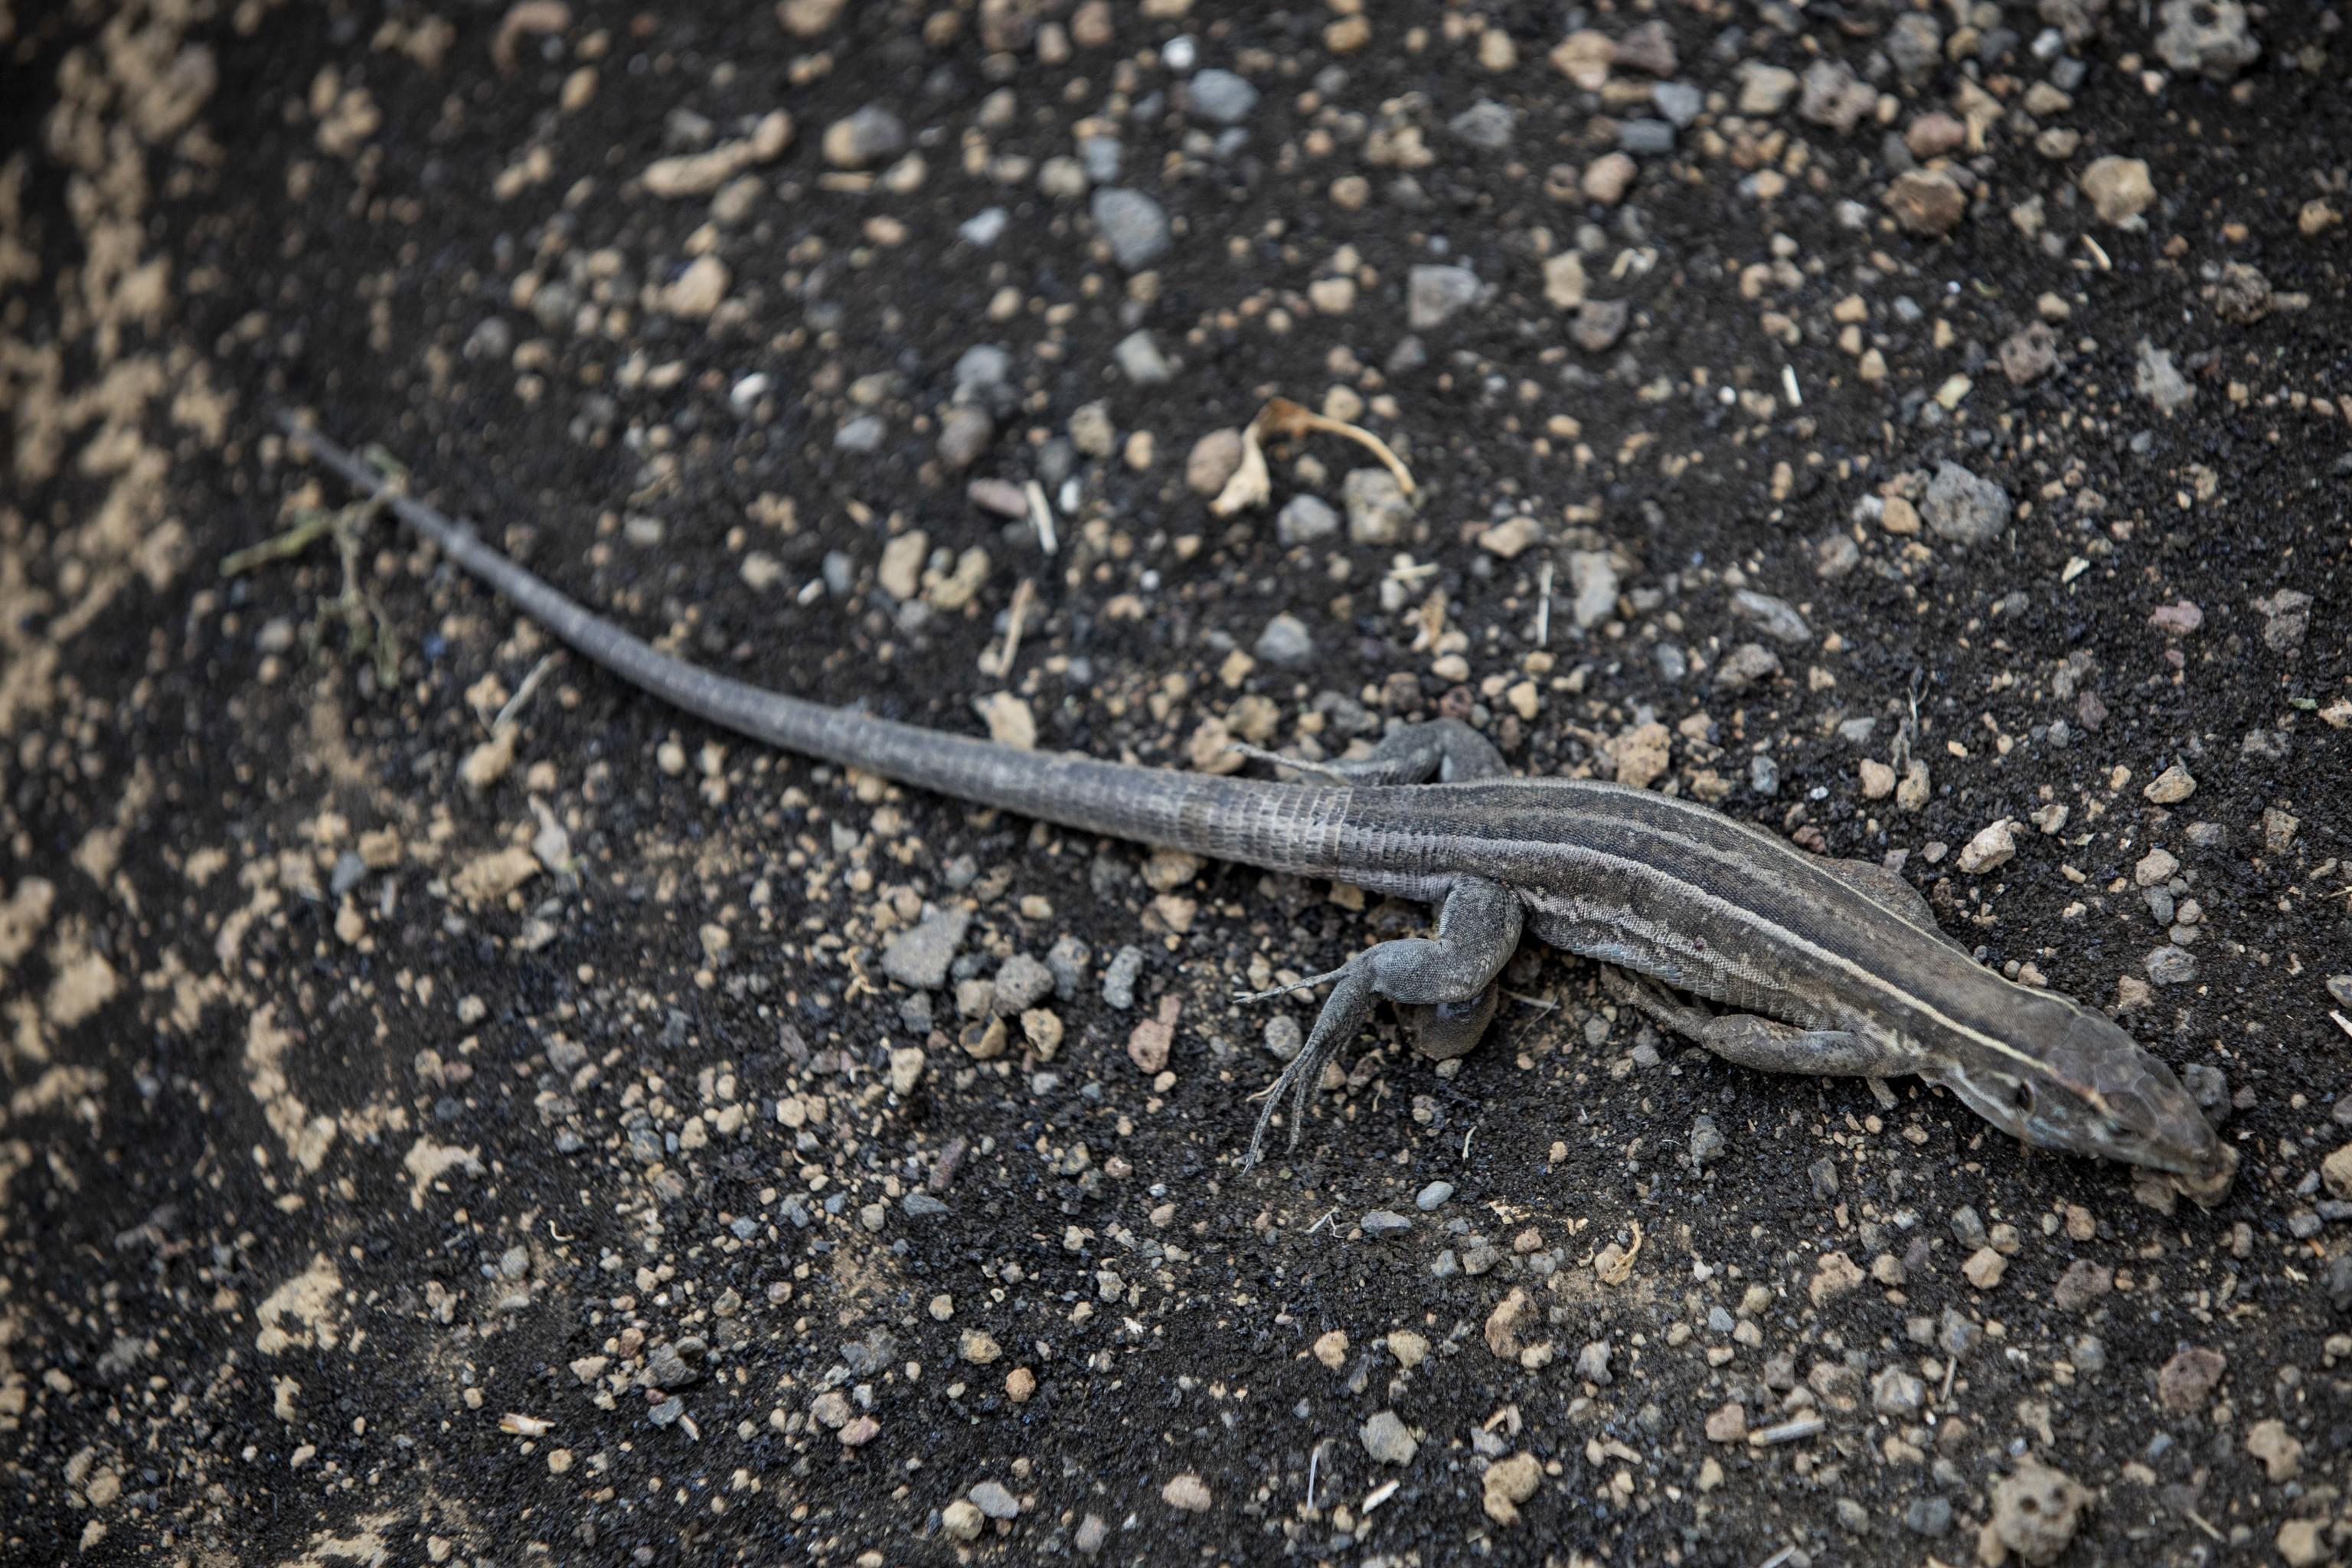 Un lagarto tizón ('Gallotia galloti') hallado muerto en Tazacorte